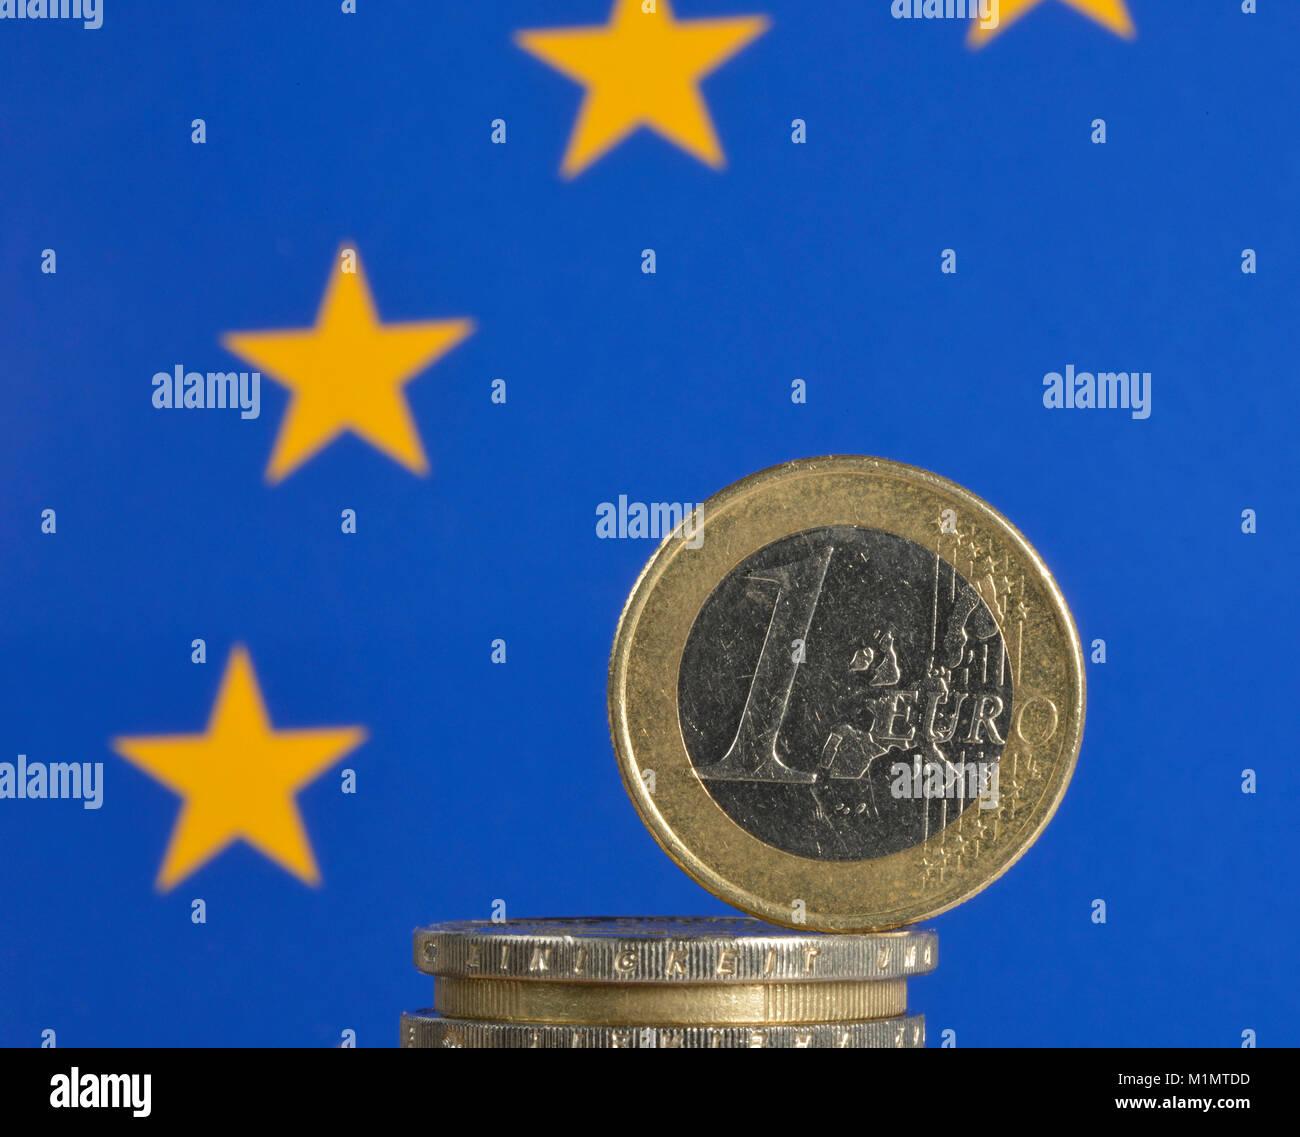 EURO-crisis, coins, Europe Flag, EURO-Krise, Münzen, Europa-Flagge - Stock Image